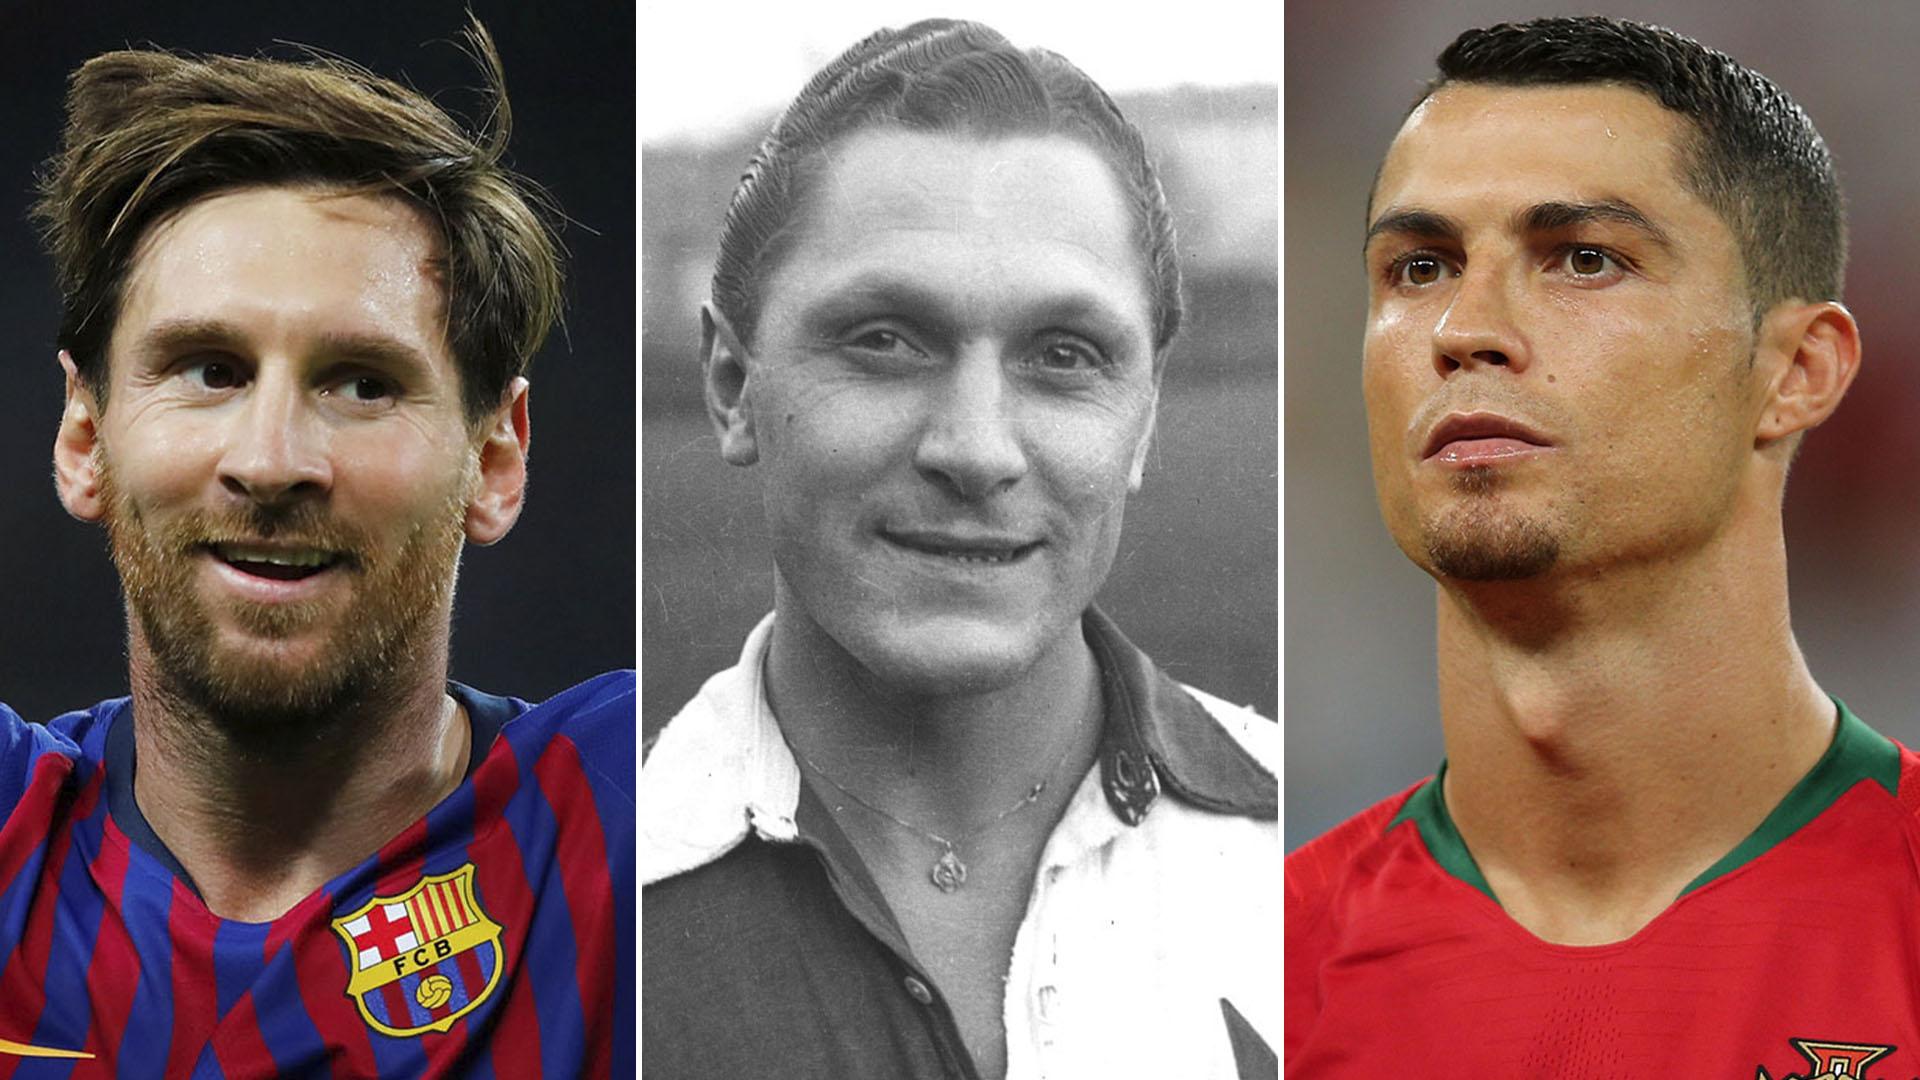 """La historia de Josef Bican, el dueño de la marca """"imposible"""" que Cristiano  Ronaldo y Messi quieren alcanzar - Infobae"""